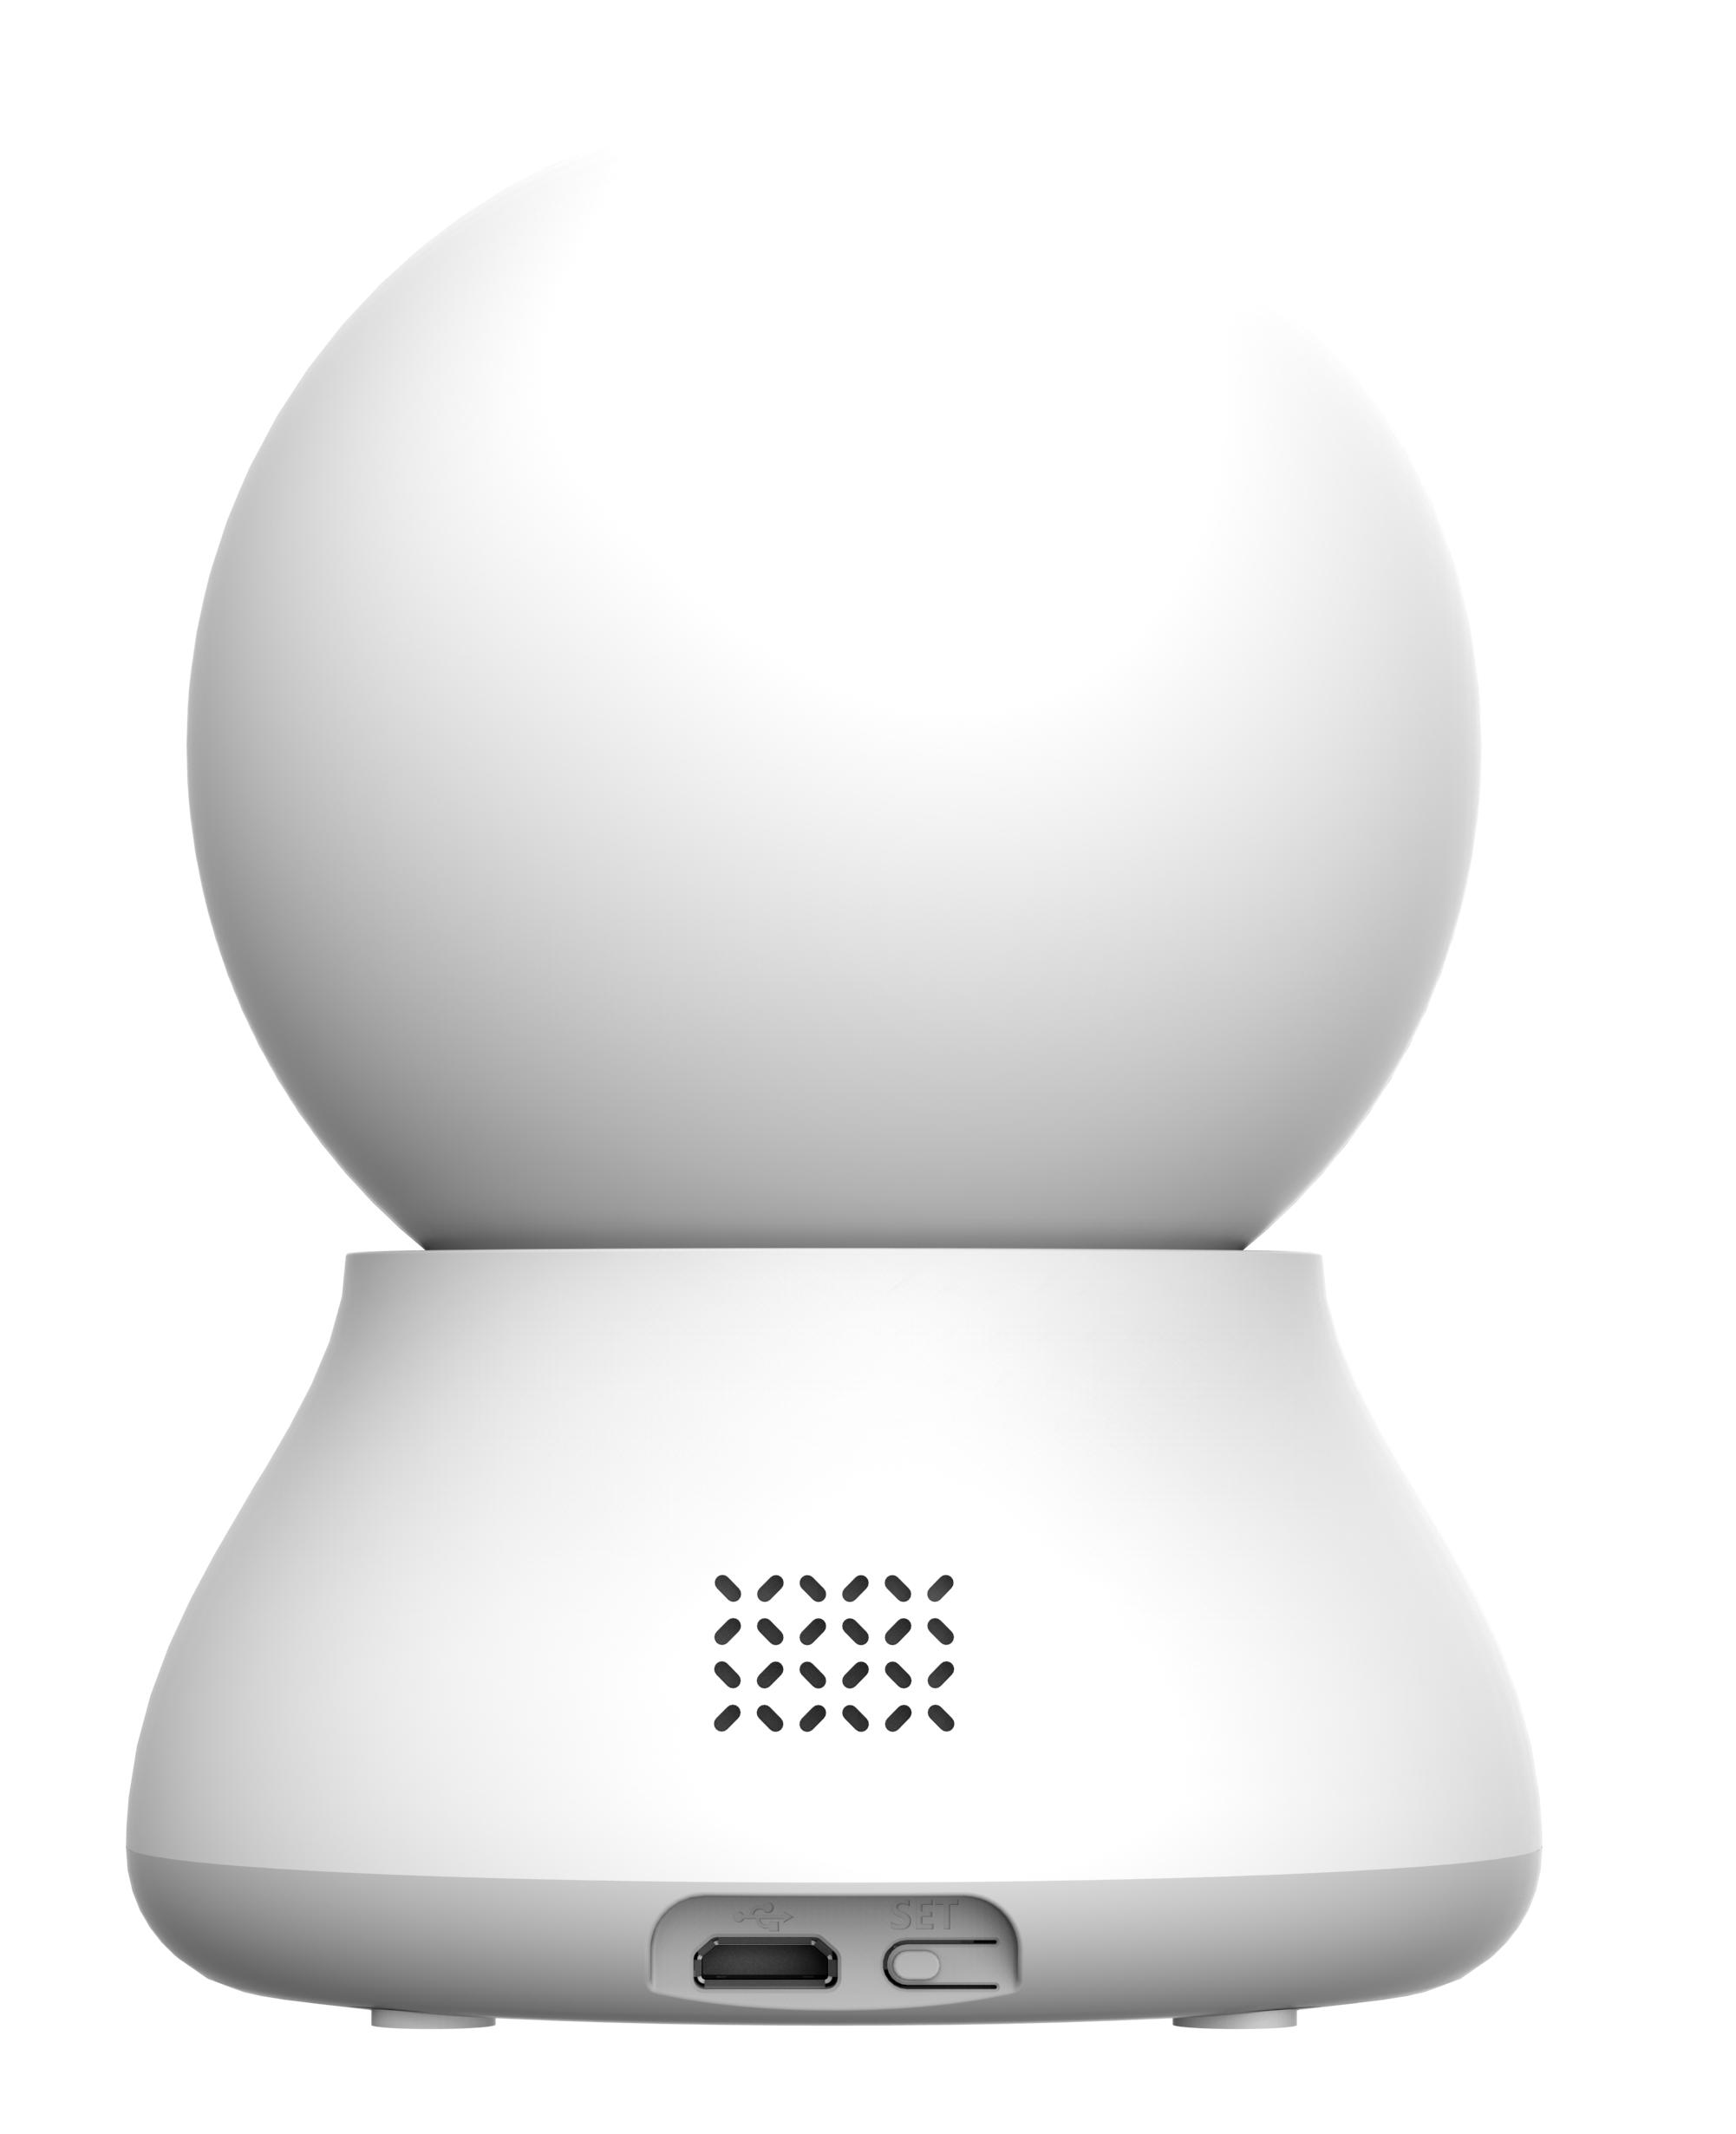 後ろから見たパンチルト、遠隔操作対応の 首振りタイプ RS-WFCAM2